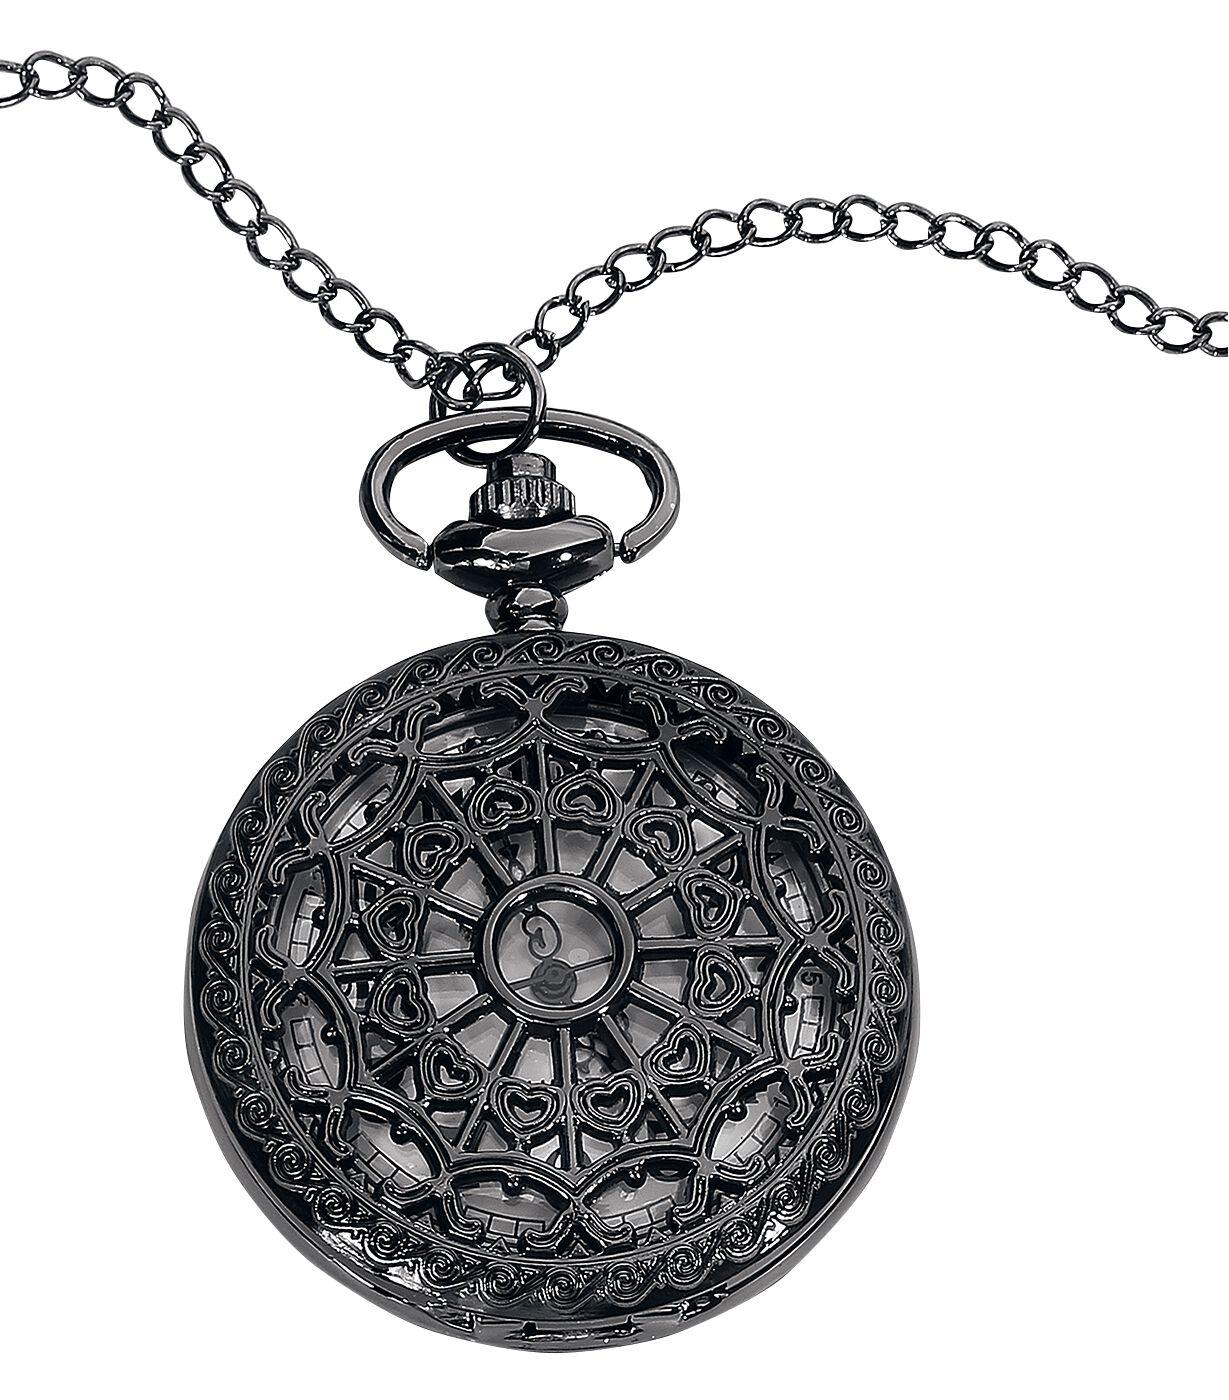 Marki - Zegarki na rękę - Zegarek - Naszyjnik Wildkitten Mandala Pocket Watch Zegarek - Naszyjnik czarny - 372443